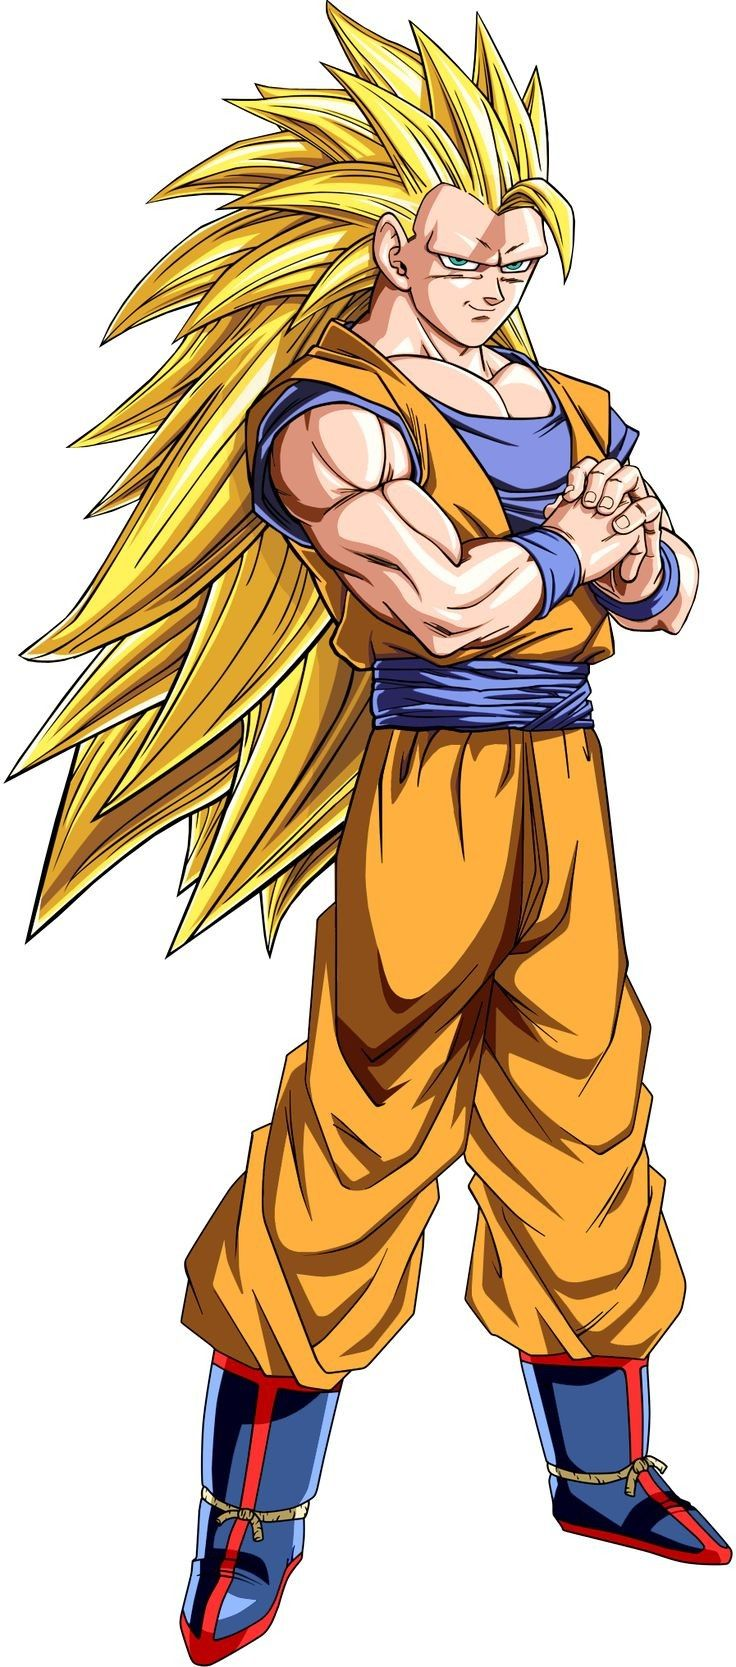 Pin By Riris Dwi On Dragon Ball Dragon Ball Z Anime Dragon Ball Dragon Ball Goku